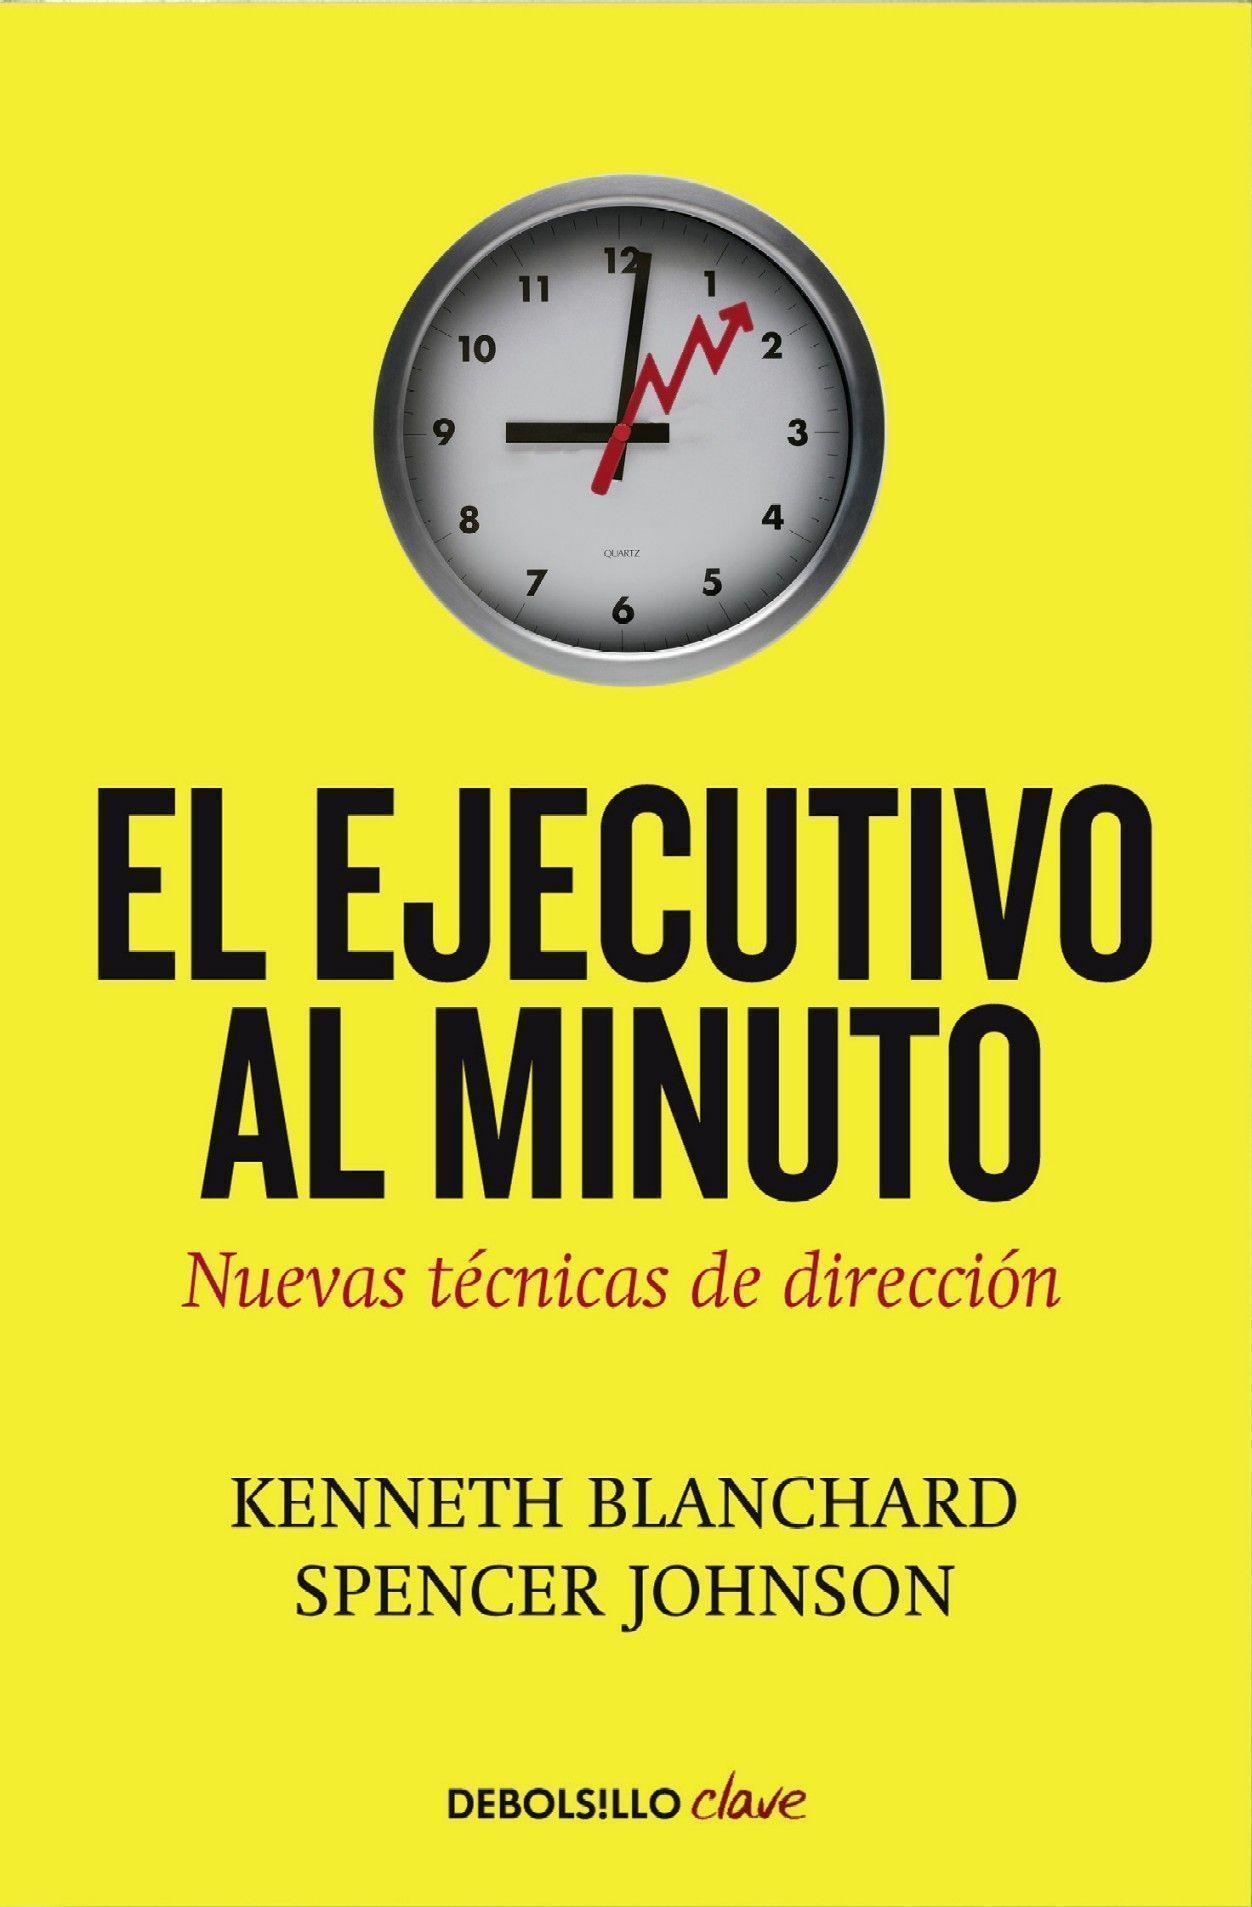 El ejecutivo al minuto - Laura Tuero - Servicios de consultoría de ...